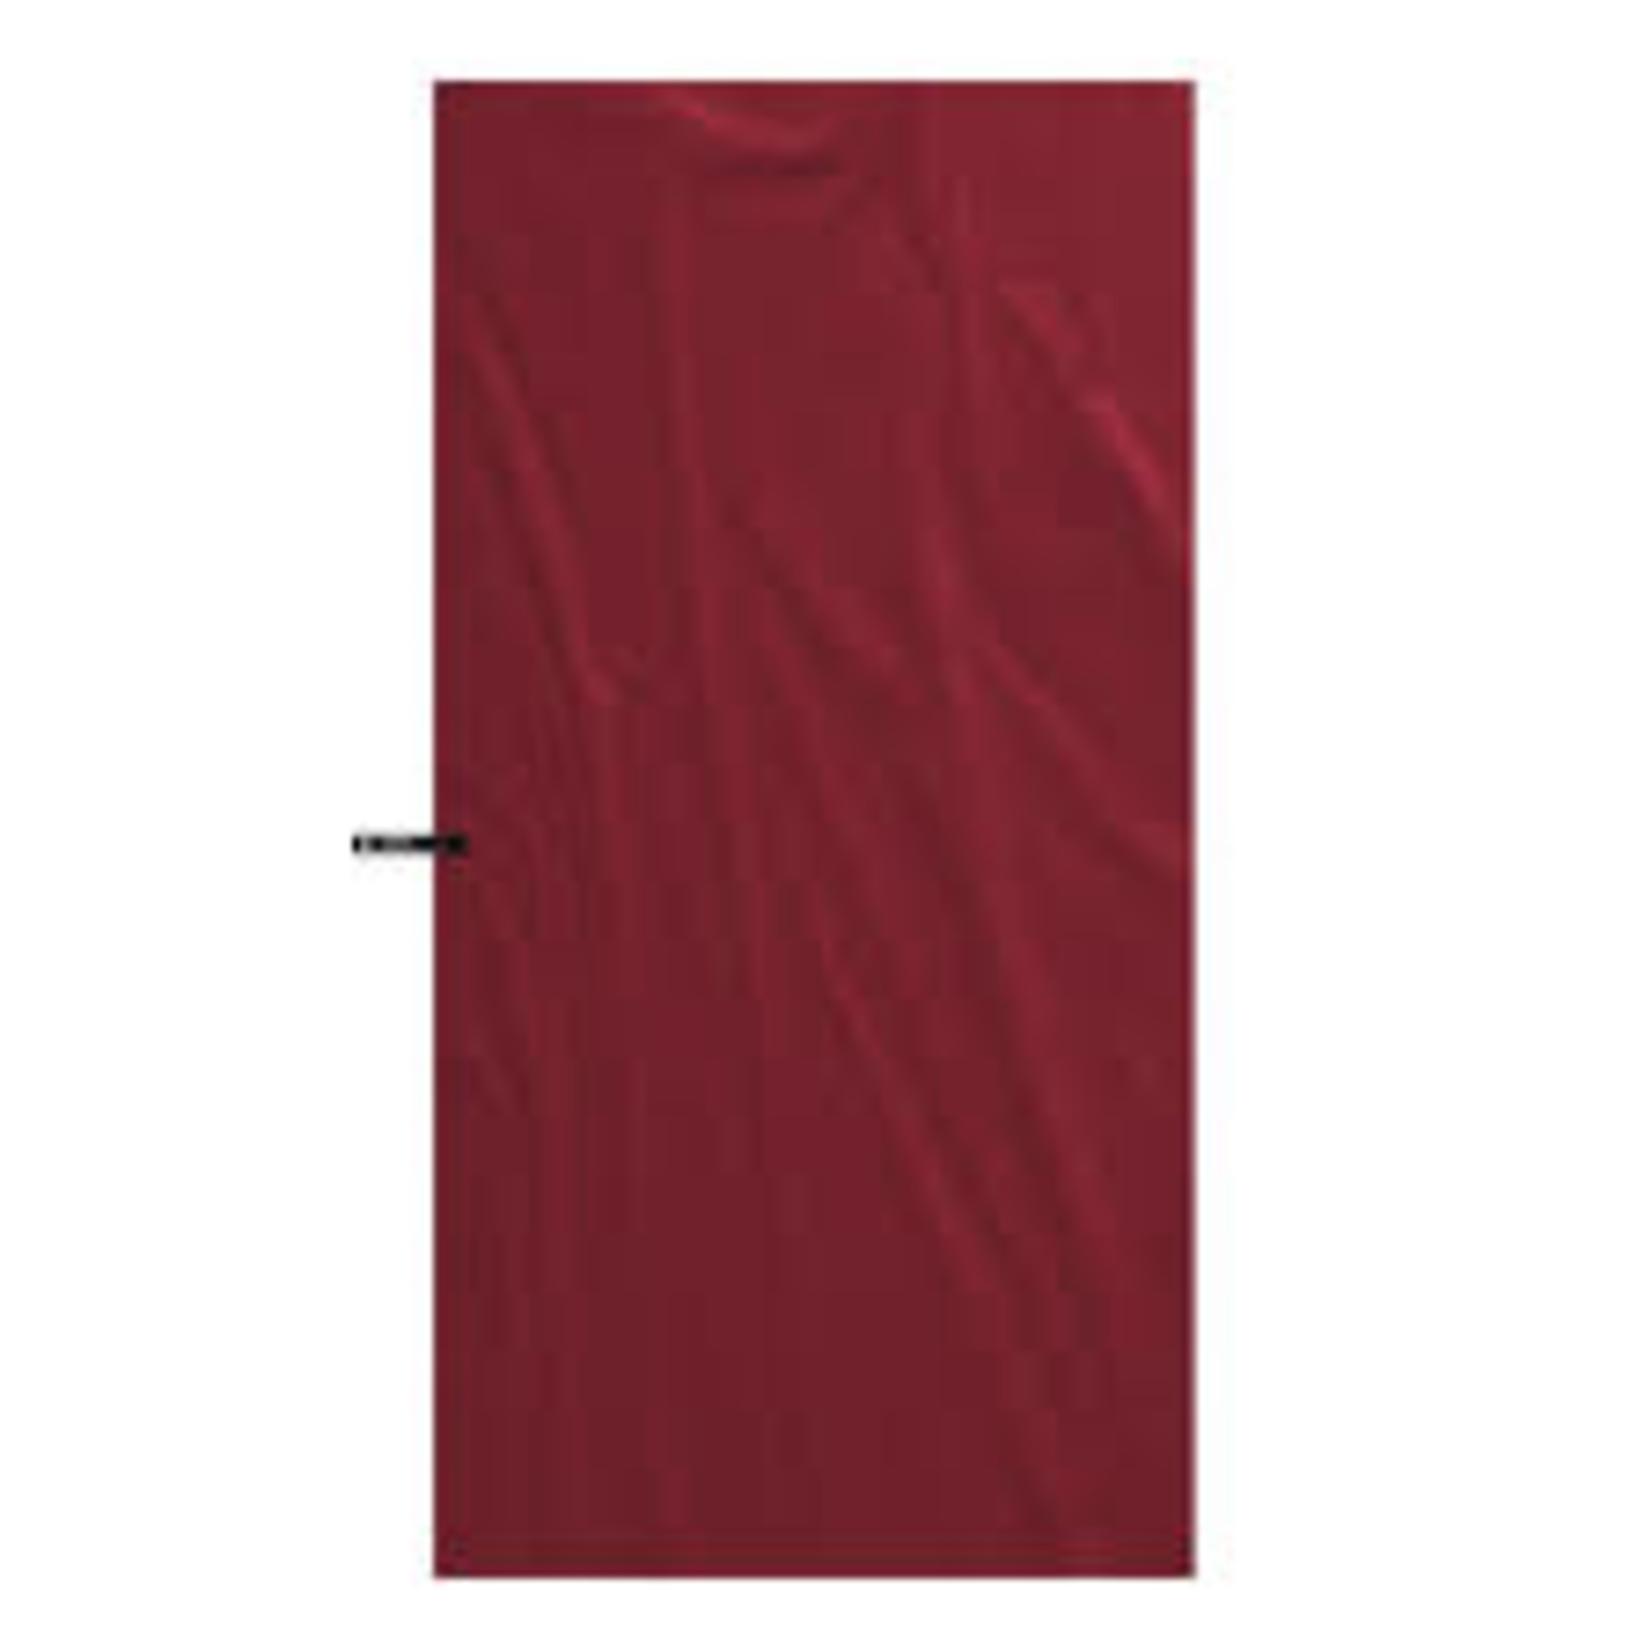 Matador Nano Dry Towel (L) Rust